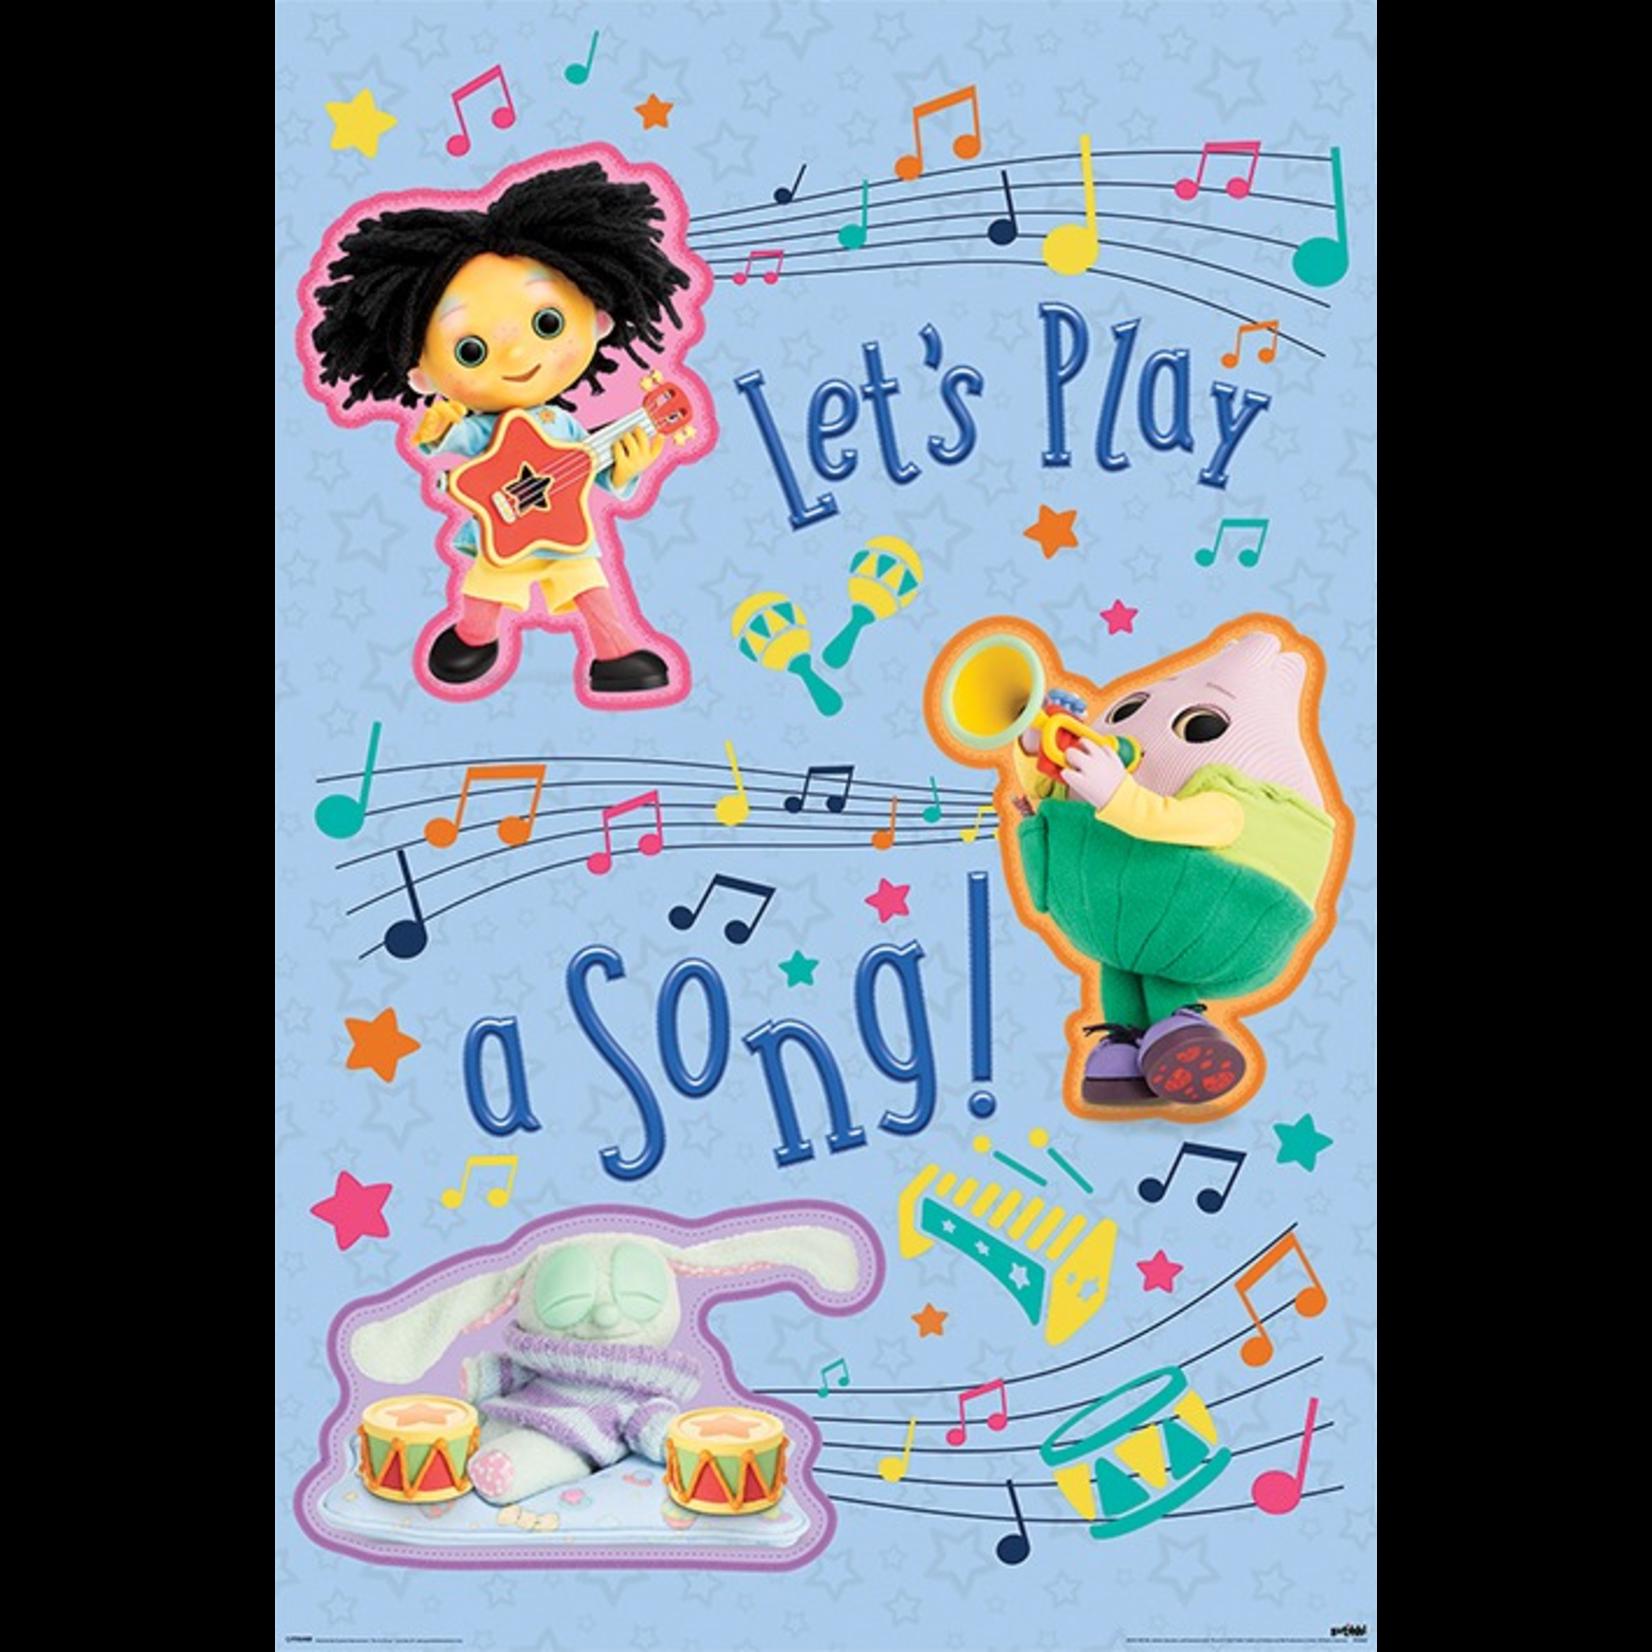 Maan en Ik Poster - Let's Play